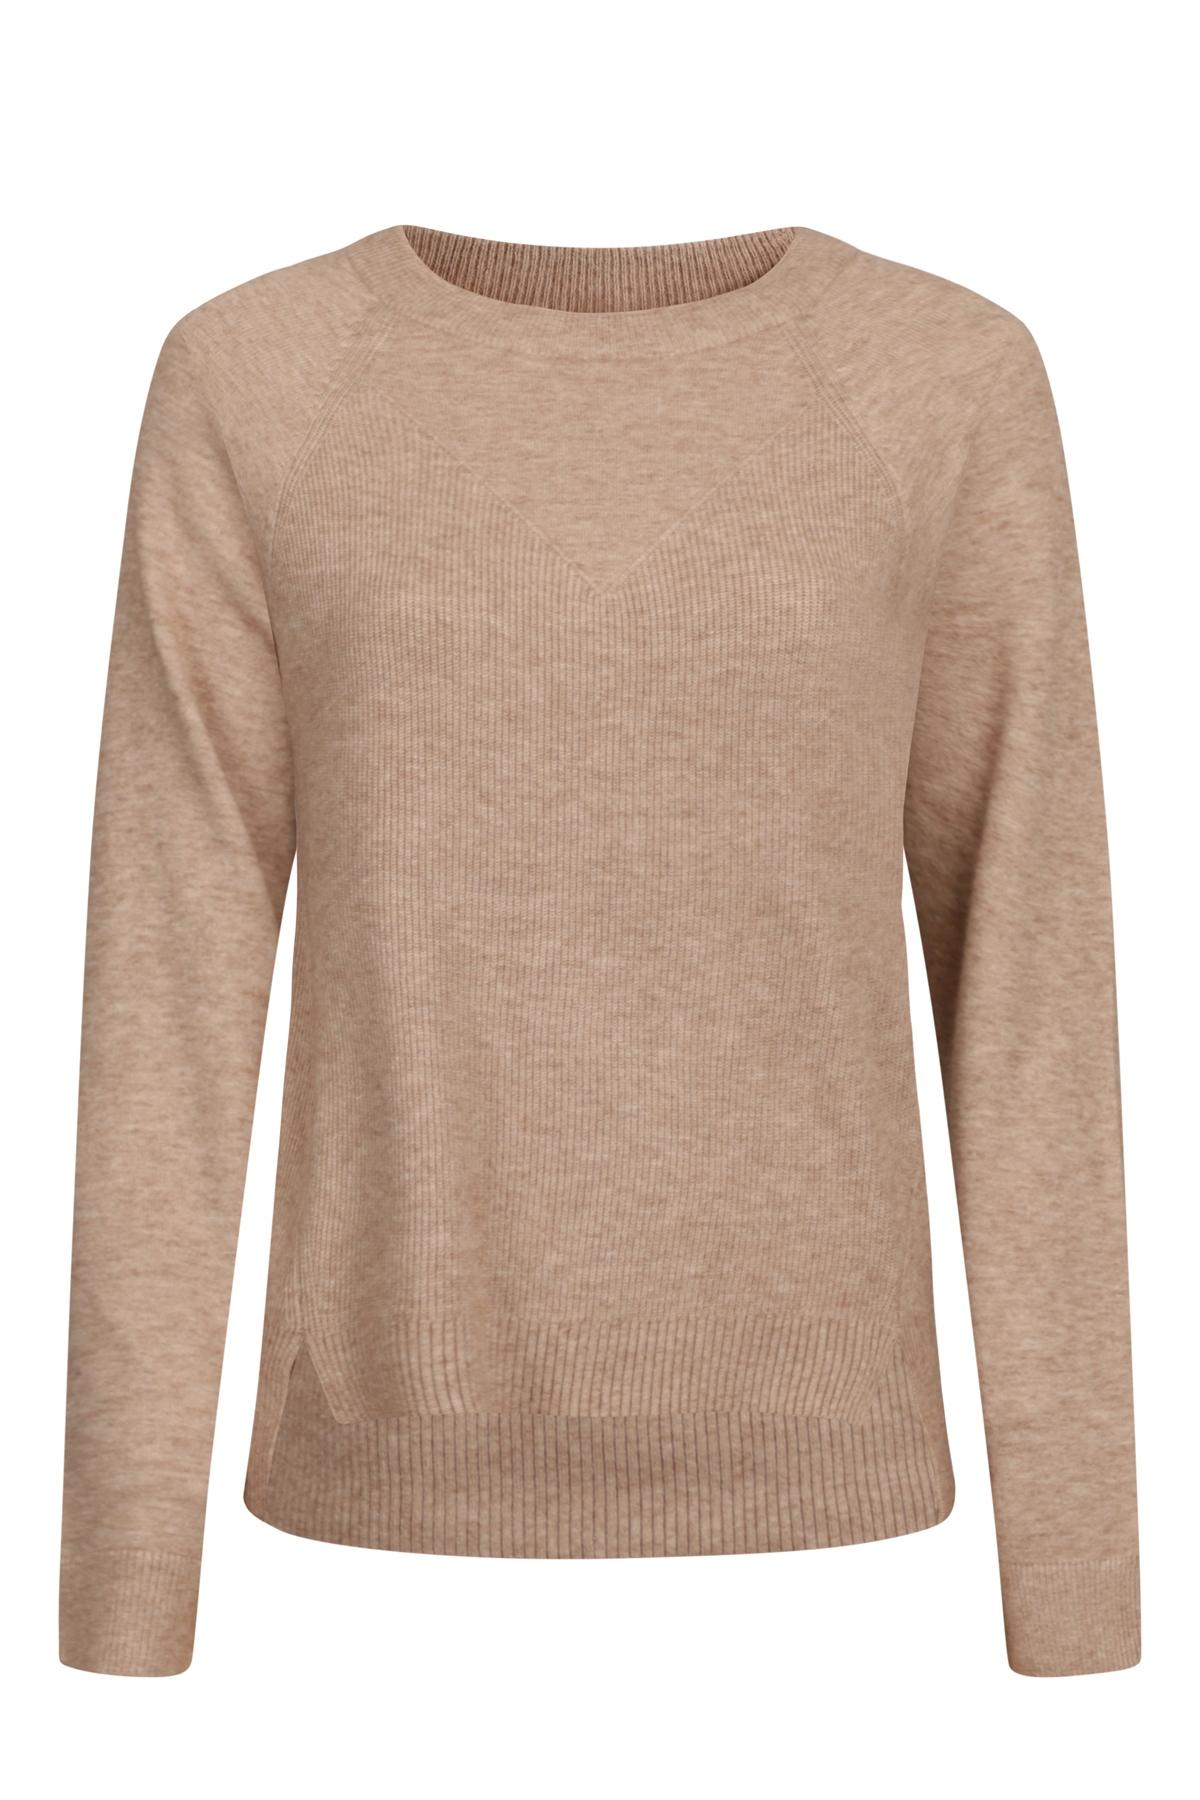 Object Shirt / Top Camel 23032169